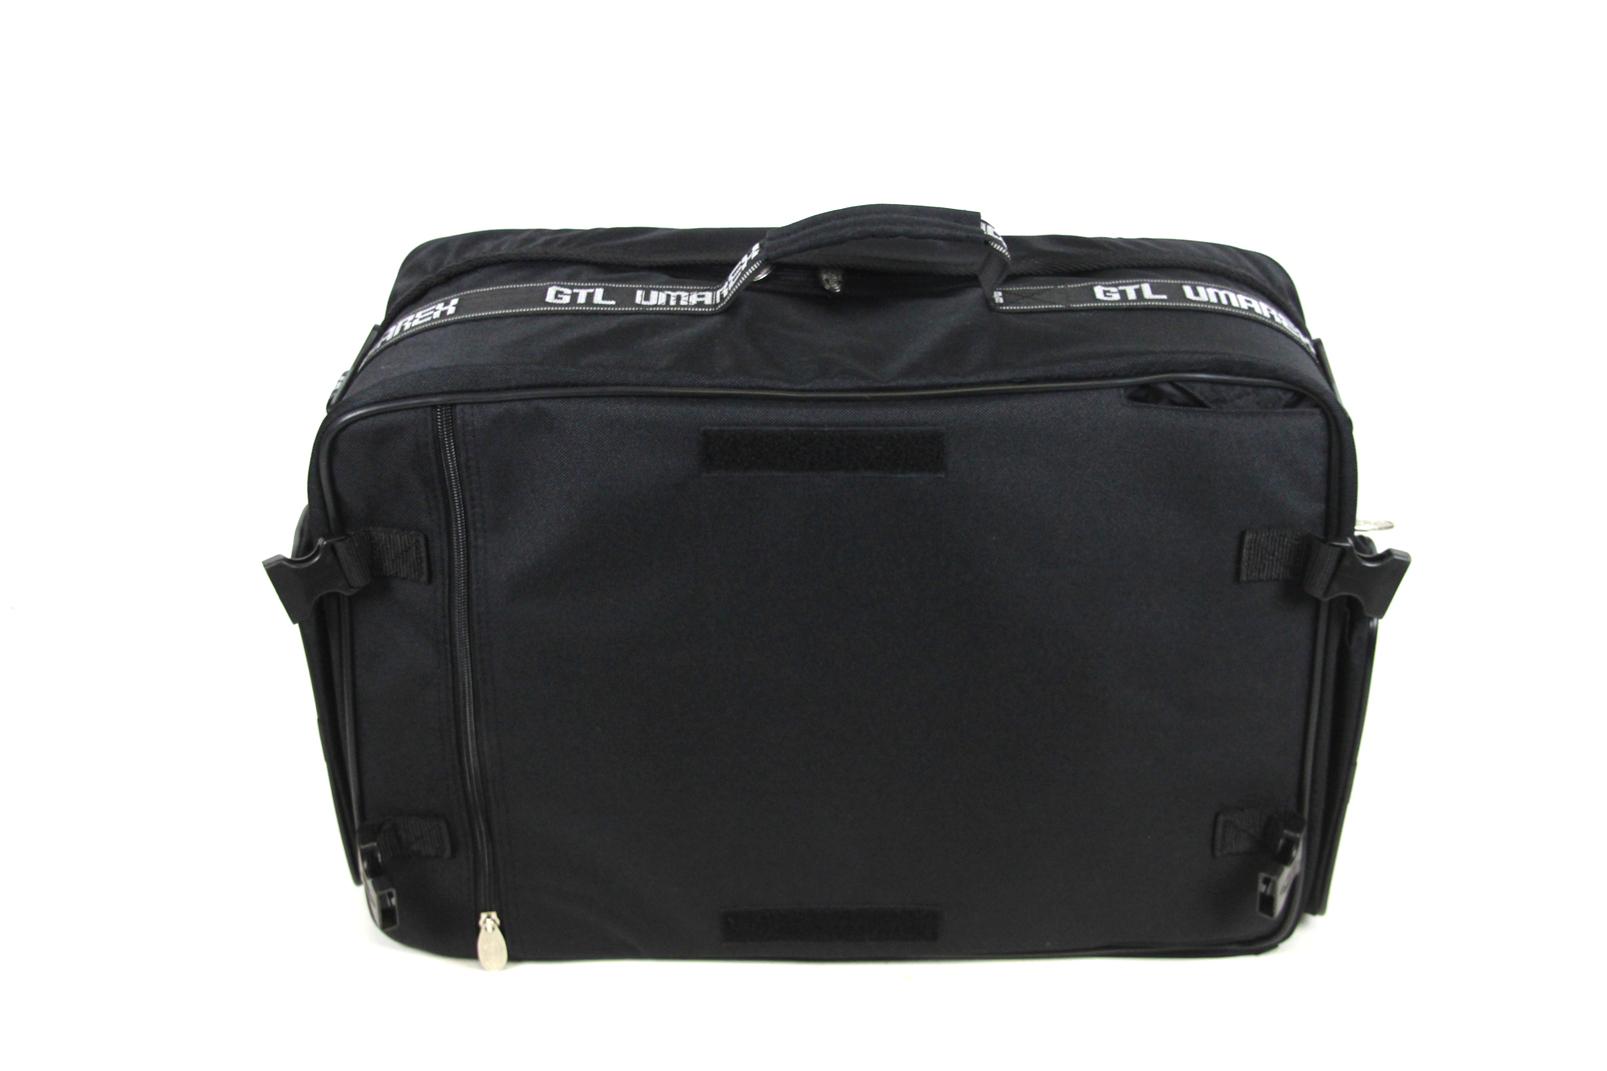 gro e gtl umarex fahrrad tasche reisetasche 50x33x20cm schwarz reise koffer ebay. Black Bedroom Furniture Sets. Home Design Ideas